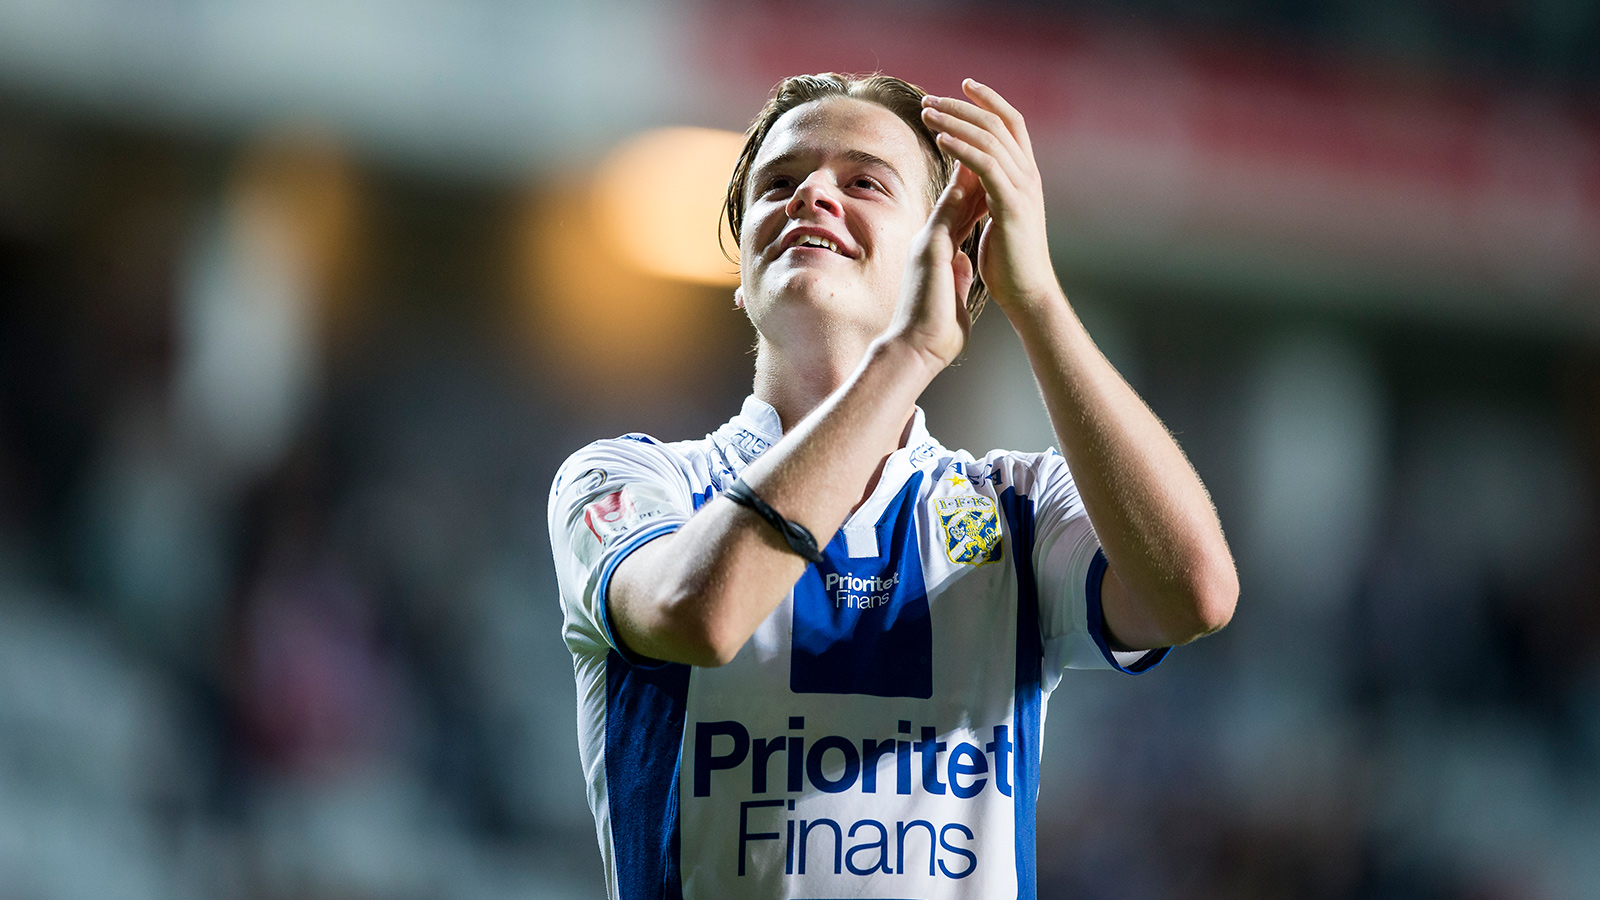 170929 IFK Göteborgs August Erlingmark tackar publiken efter den allsvenska fotbollsmatchen mellan IFK Göteborg och Sirius den 29 september 2017 i Göteborg.